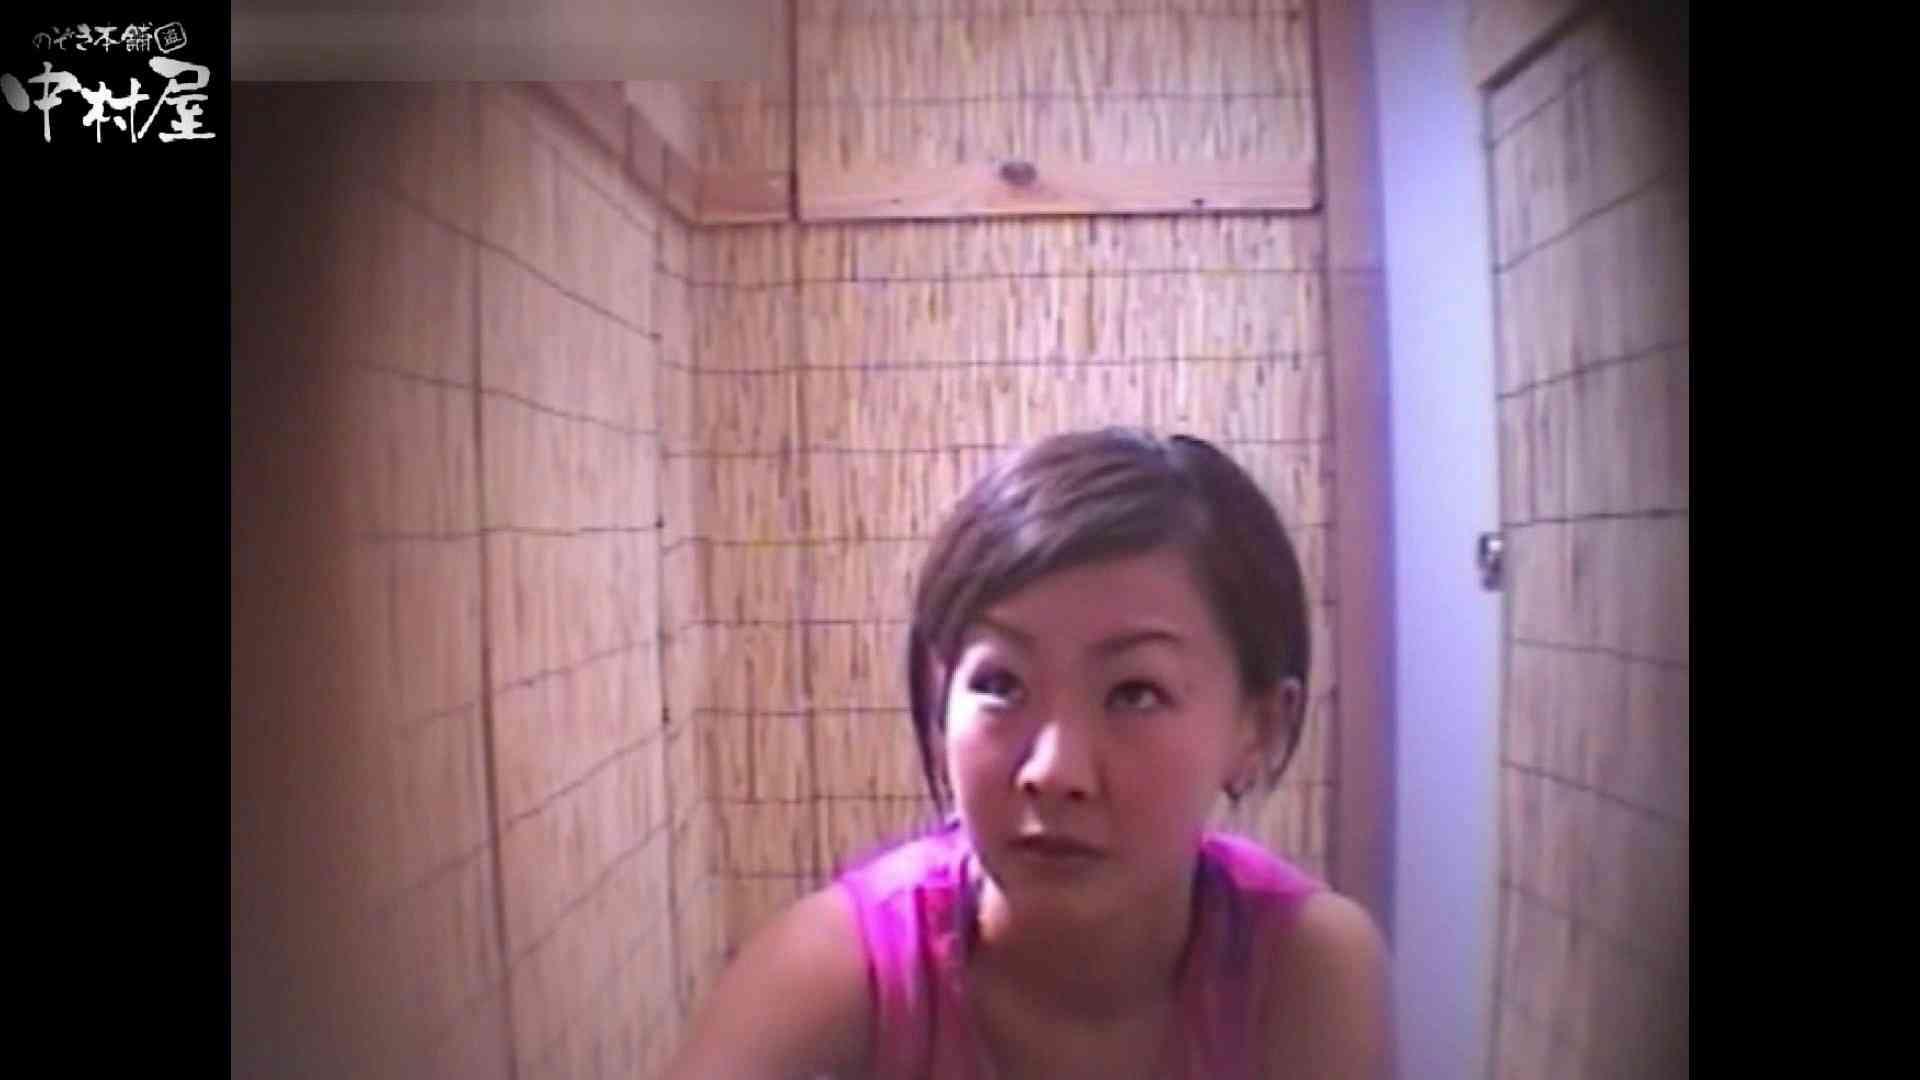 解禁!海の家4カメ洗面所vol.73 ギャルのエロ動画 SEX無修正画像 76PIX 23